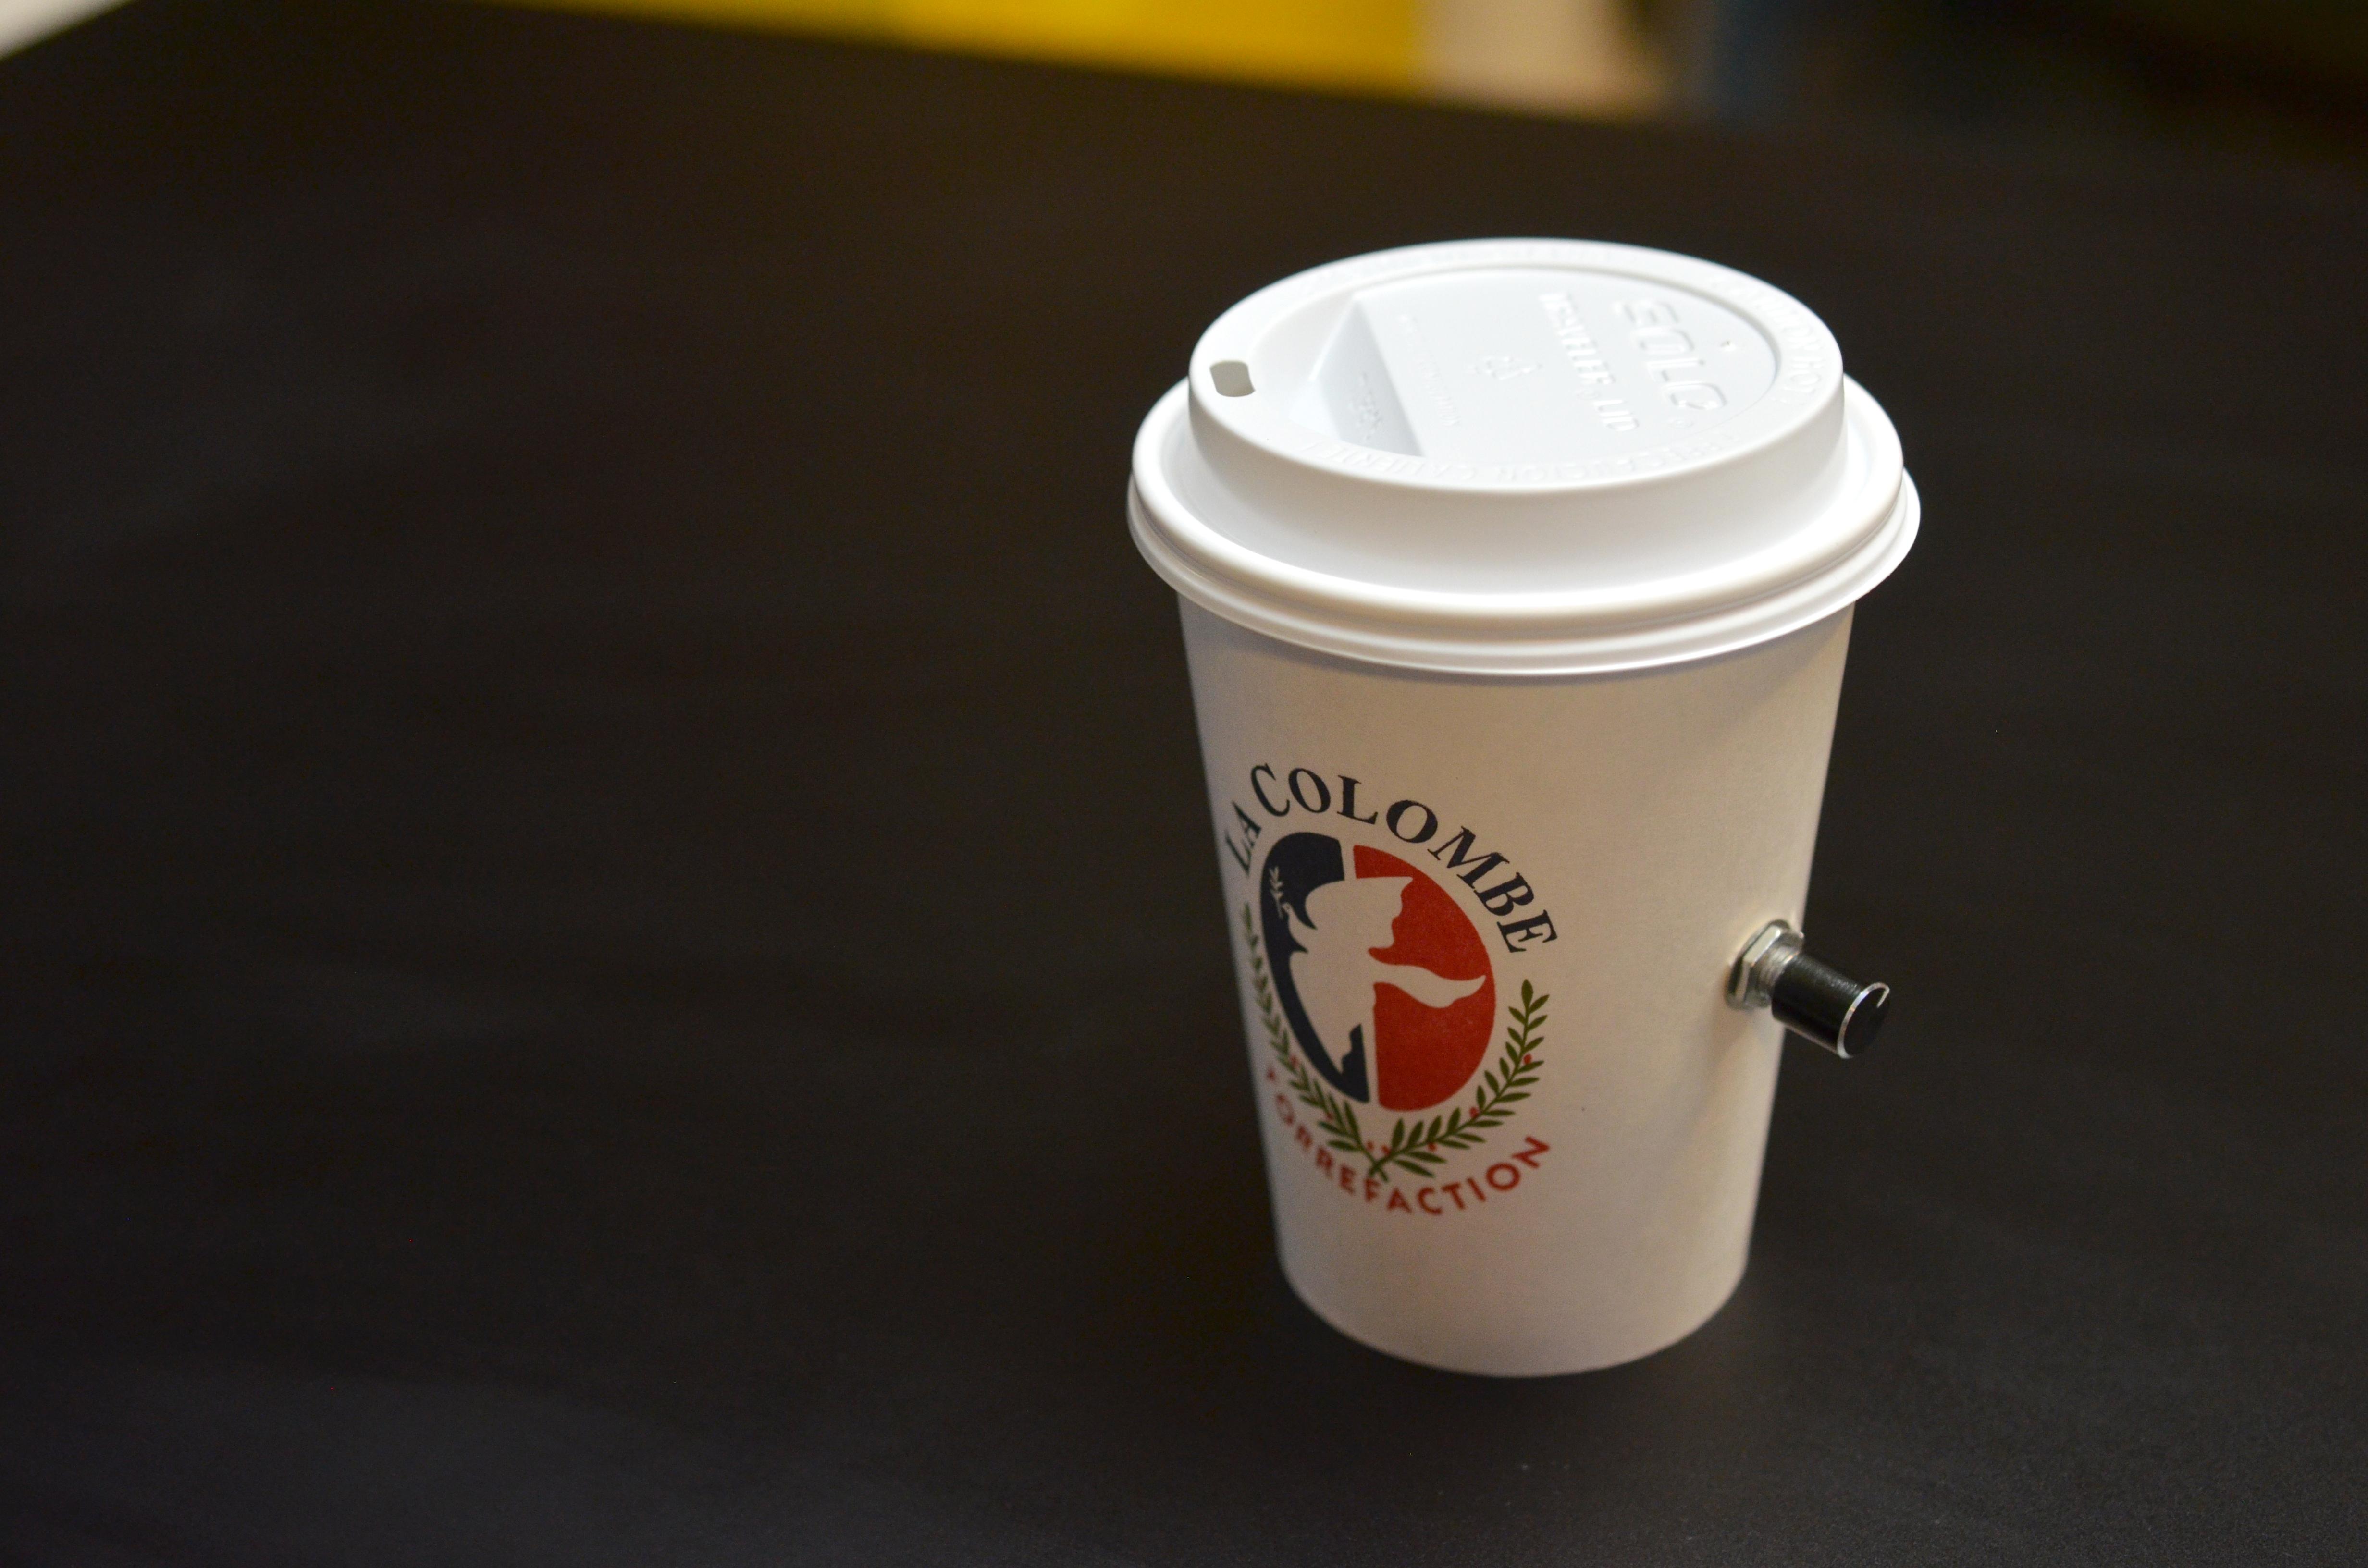 adafruit_products_adafruit-coffee-cup-white-noise-closed.jpg